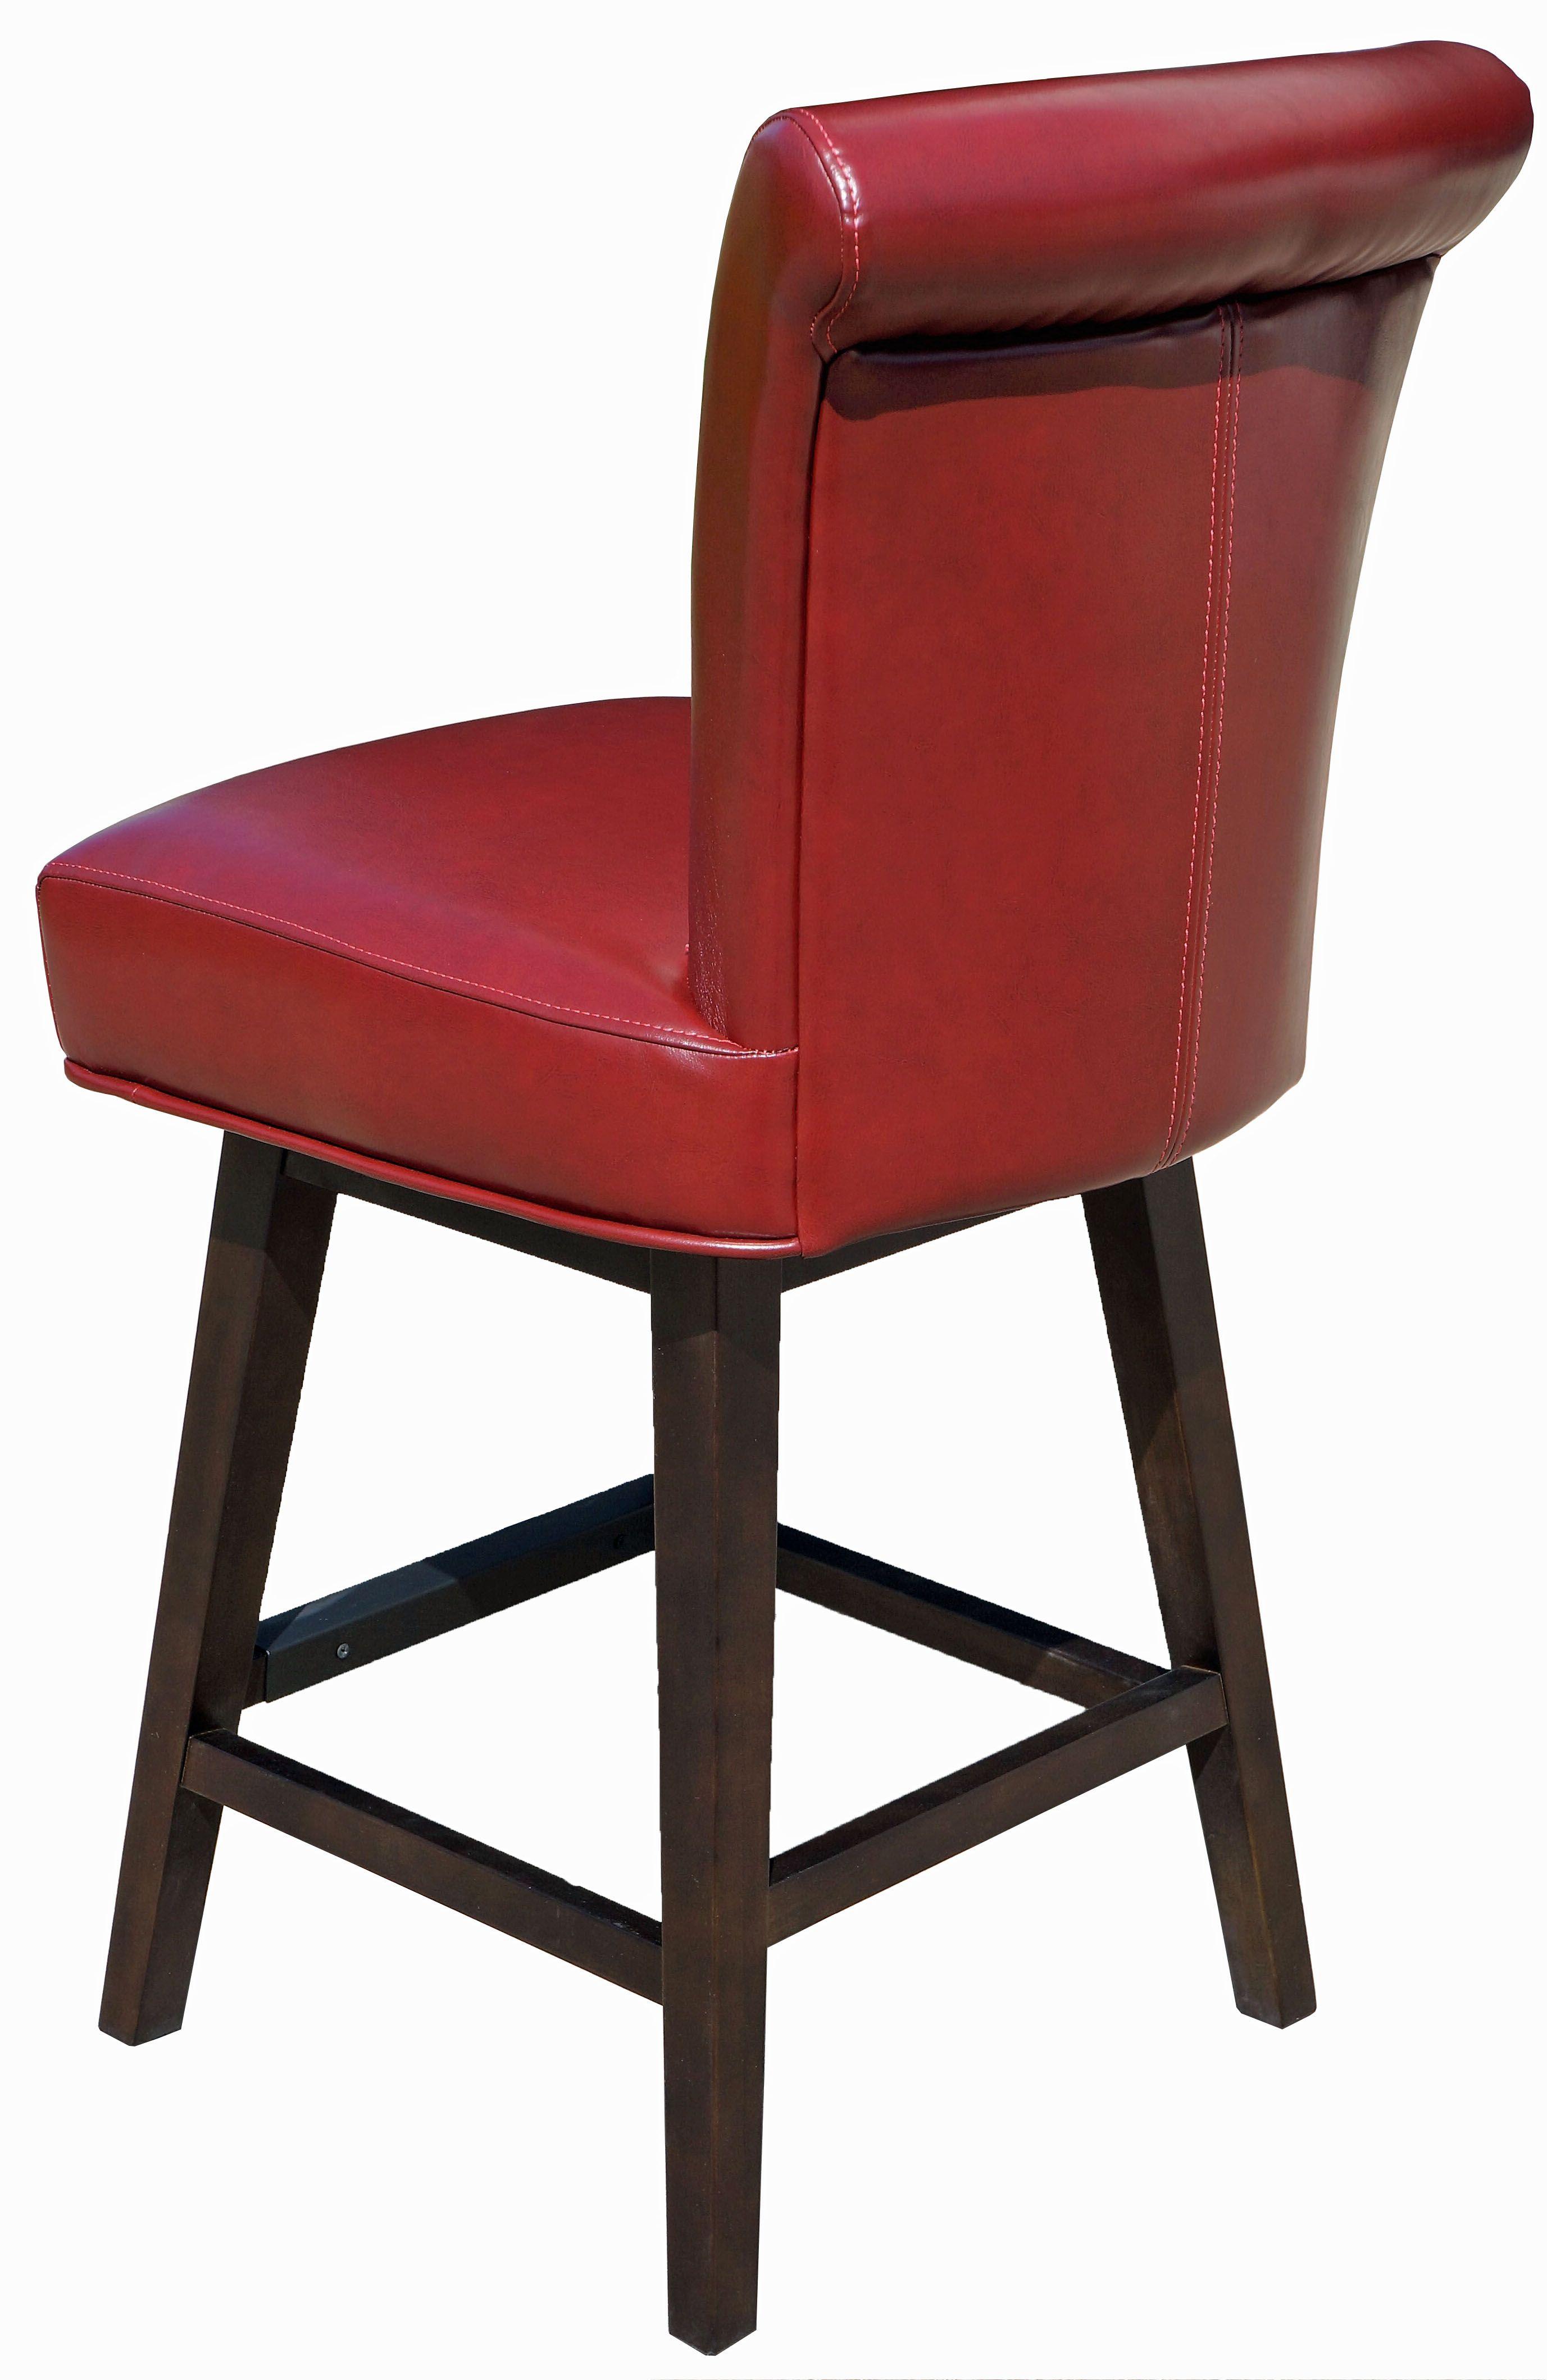 Pair Of Brass And Red Velvet Barstools 1stdibs Com Bar Stool Chairs Red Velvet Bars Stool Chair